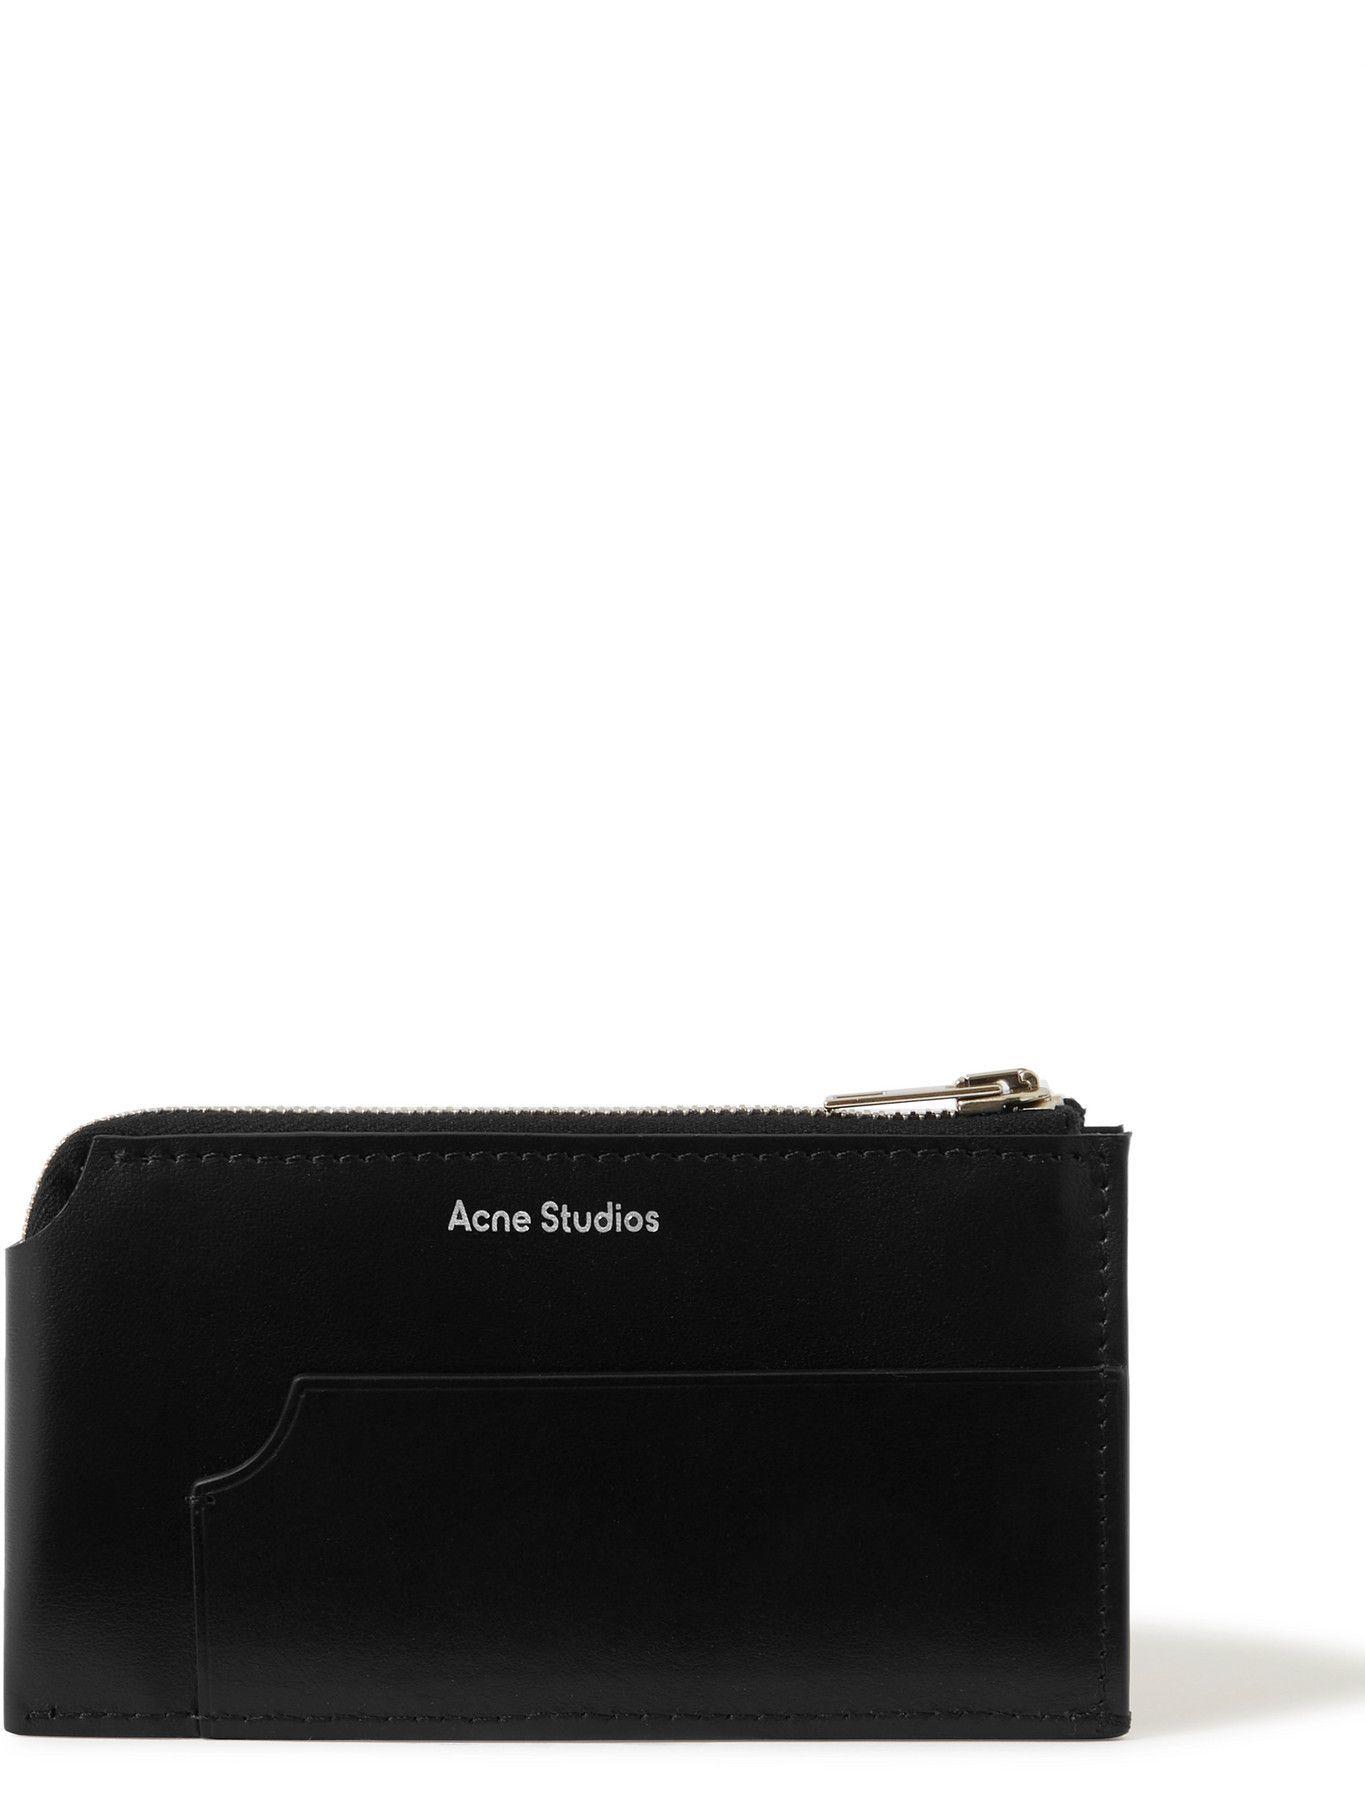 Photo: Acne Studios - Leather Zip-Around Wallet